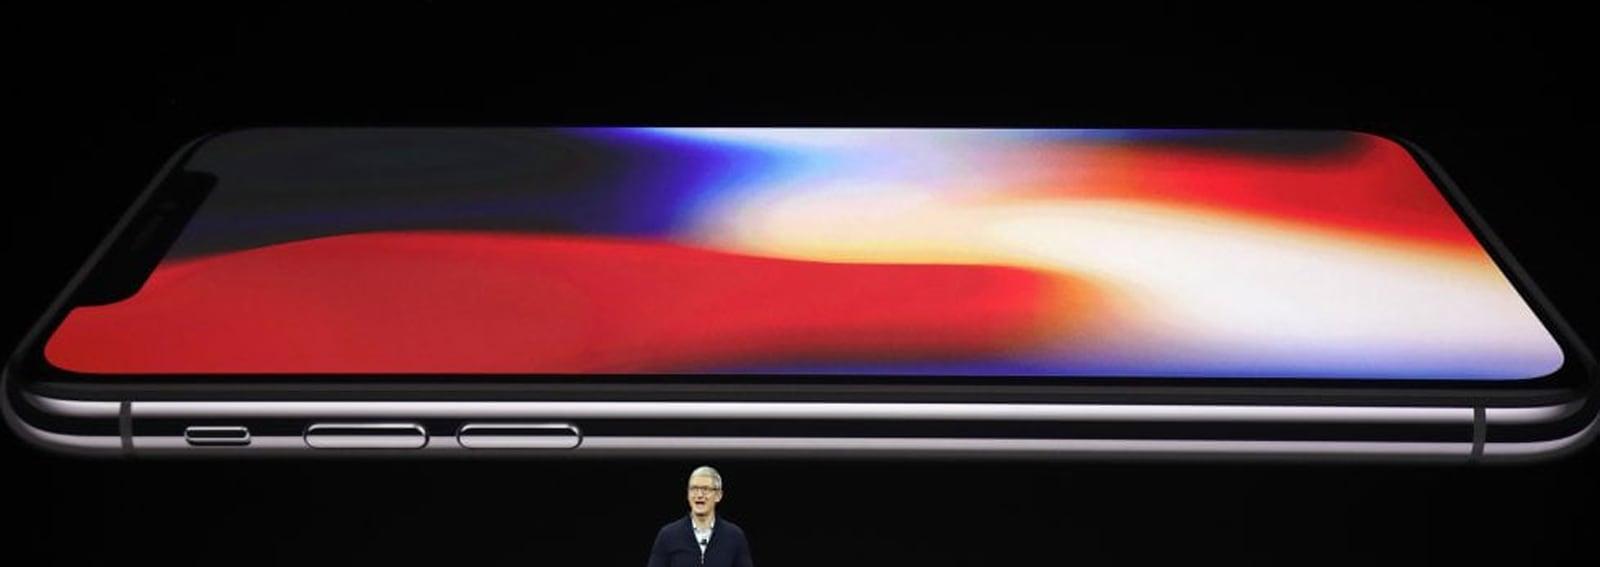 iphone x desktop